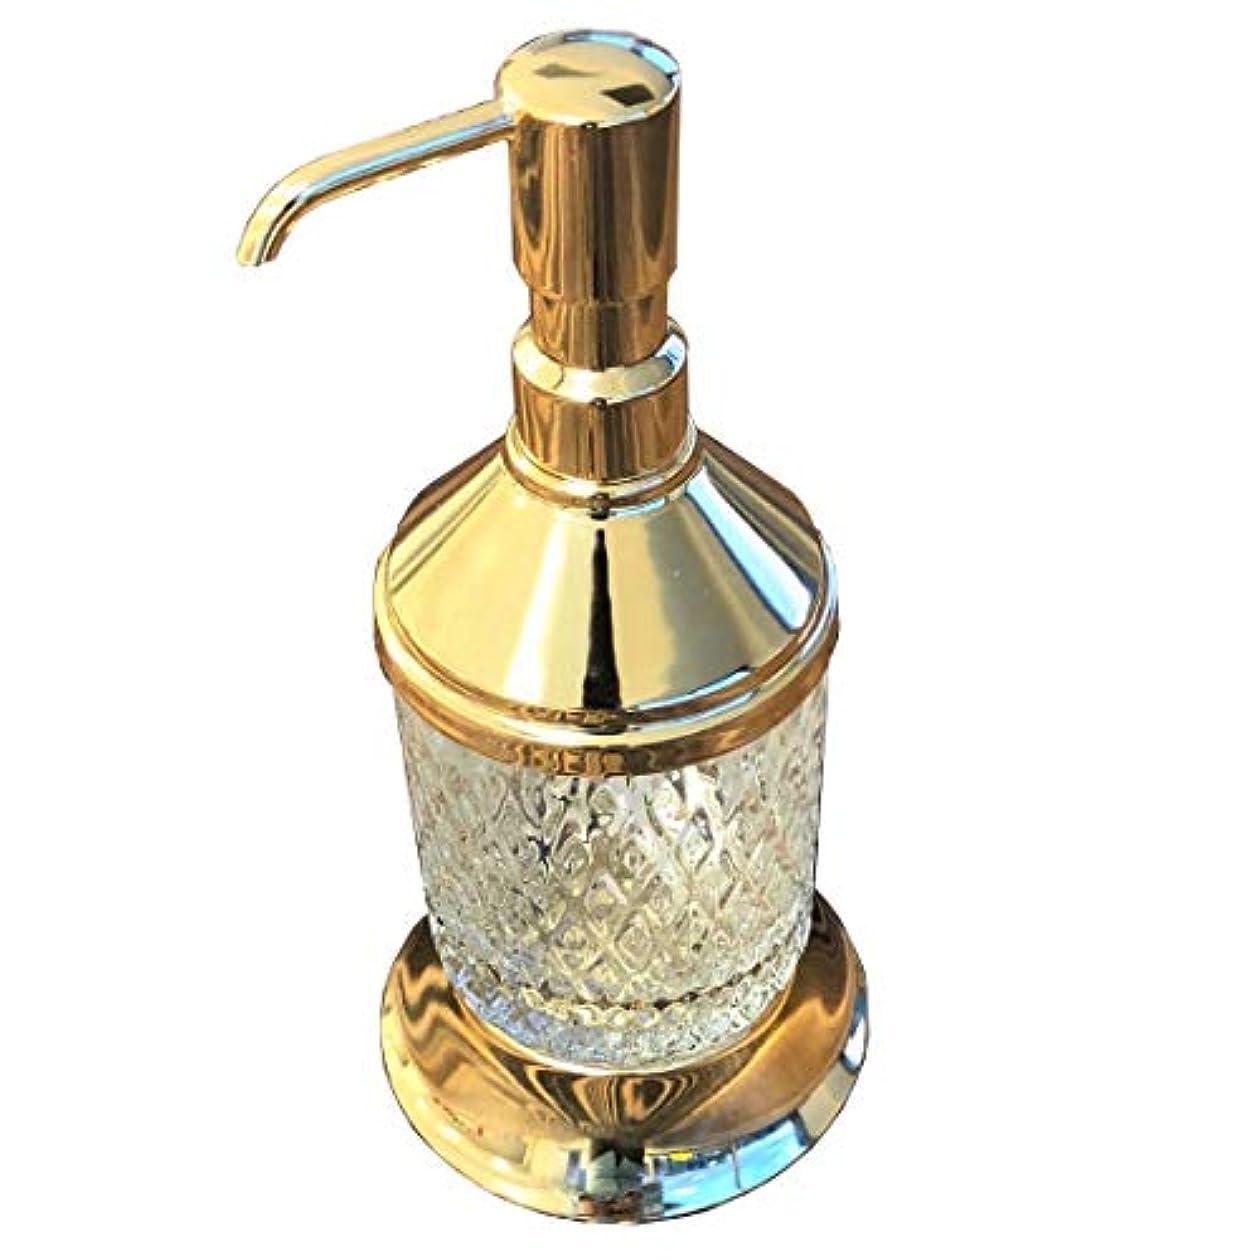 提供鼓舞する司法ラグジュアリー真鍮Liquid Hand Soapまたはローションdispenser-goldバスルームdecor-brassバスルームアクセサリー